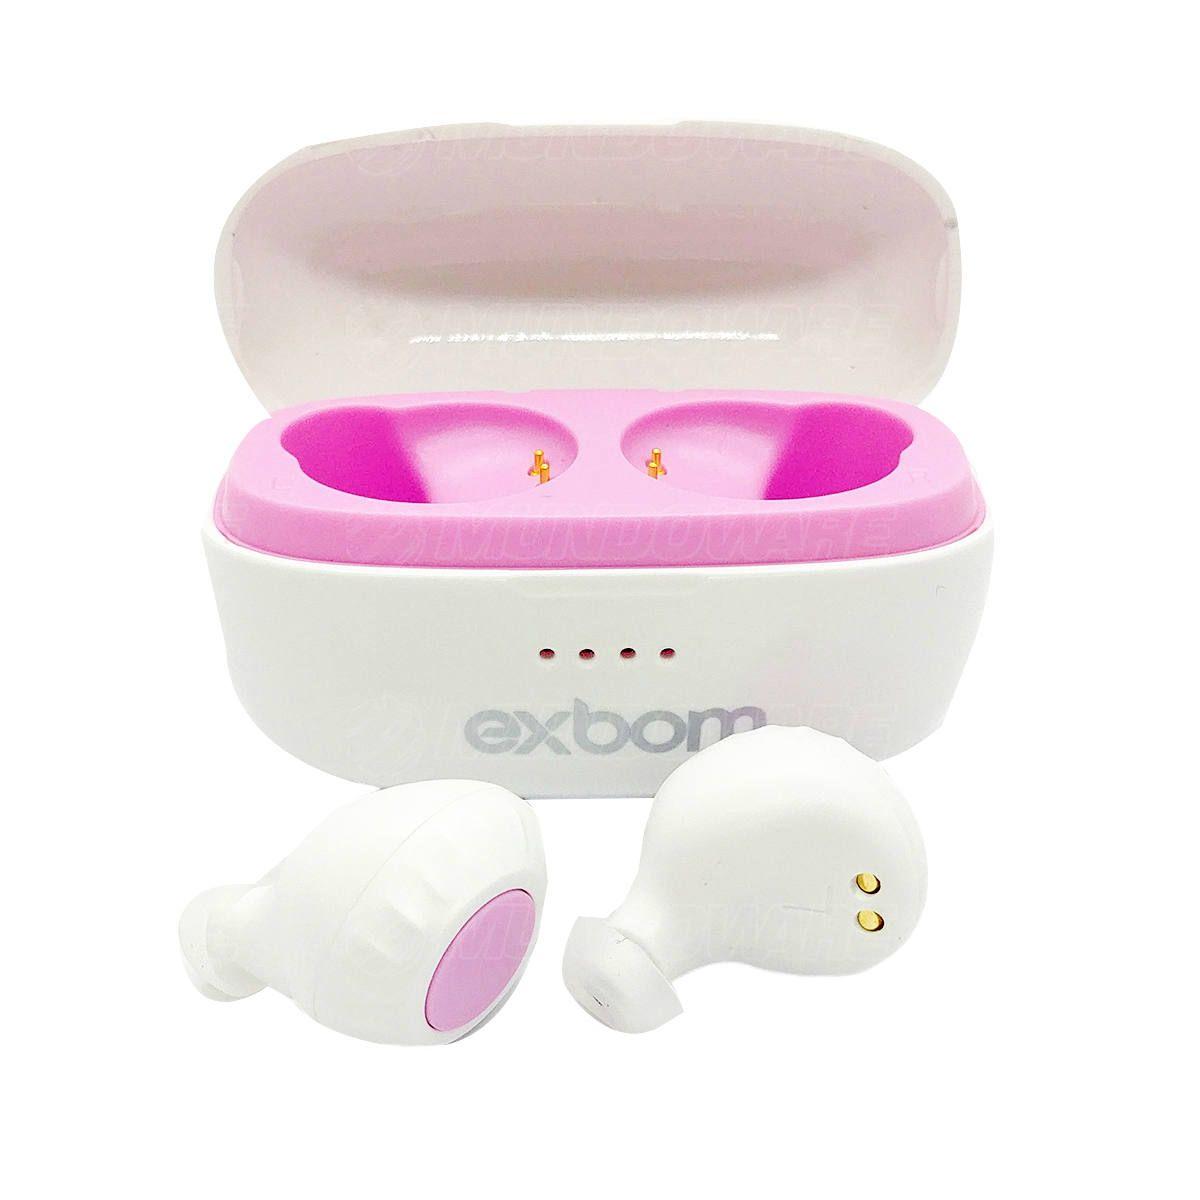 Fone Earbuds Bluetooth TWS Estéreo com Base Carregadora Exbom BTWS-S30 Branco com Rosa